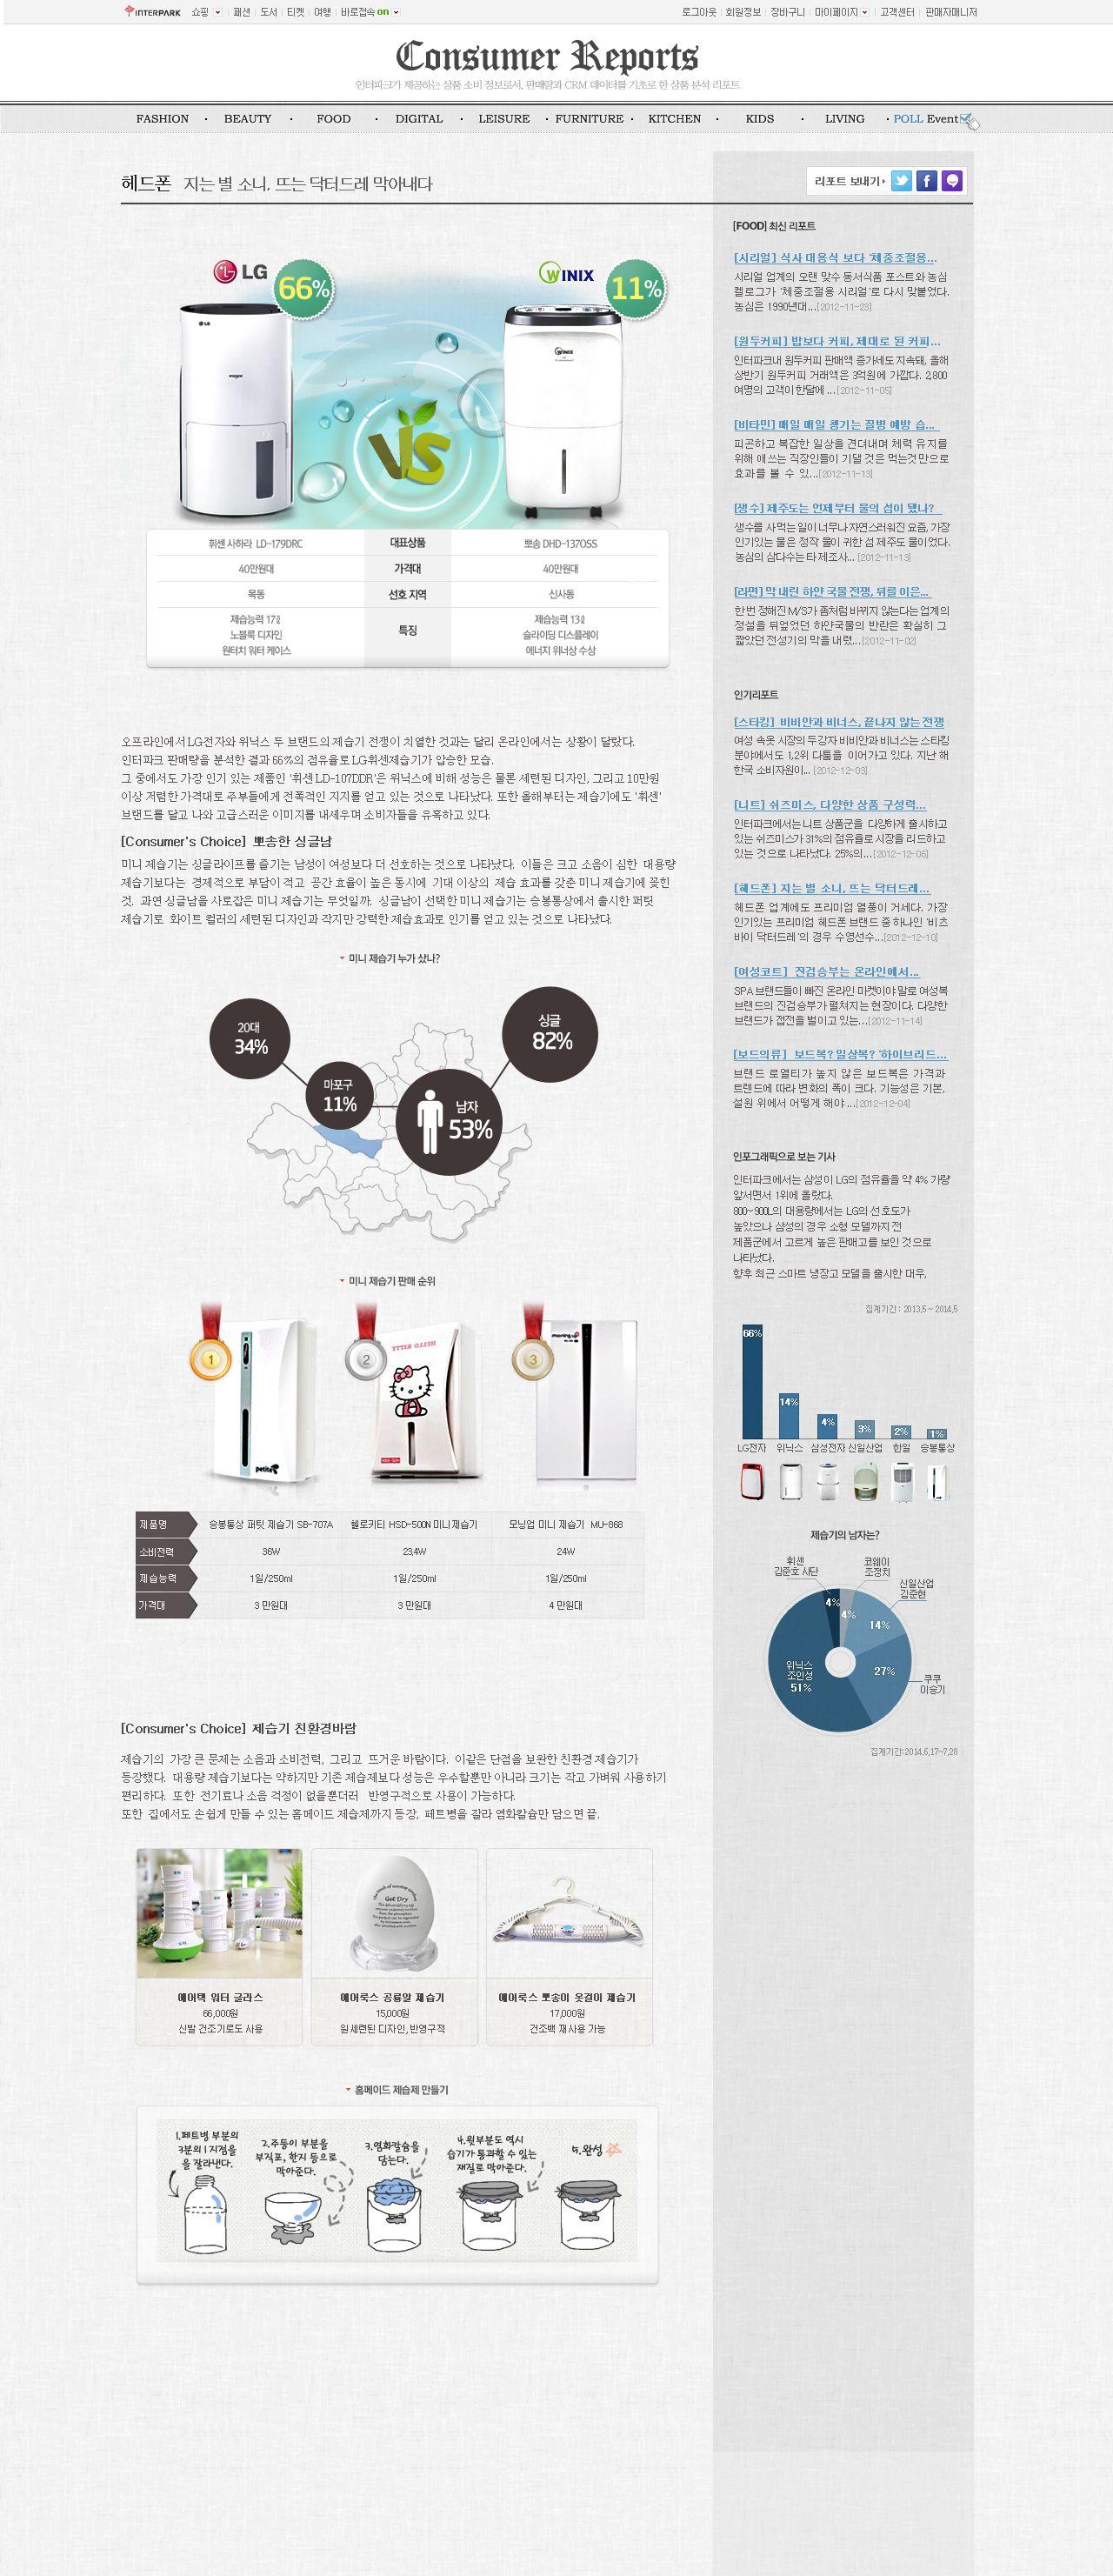 제습기   http://www.interpark.com/displaycorner/ConsumerReports.do?_method=sub&contNo=209